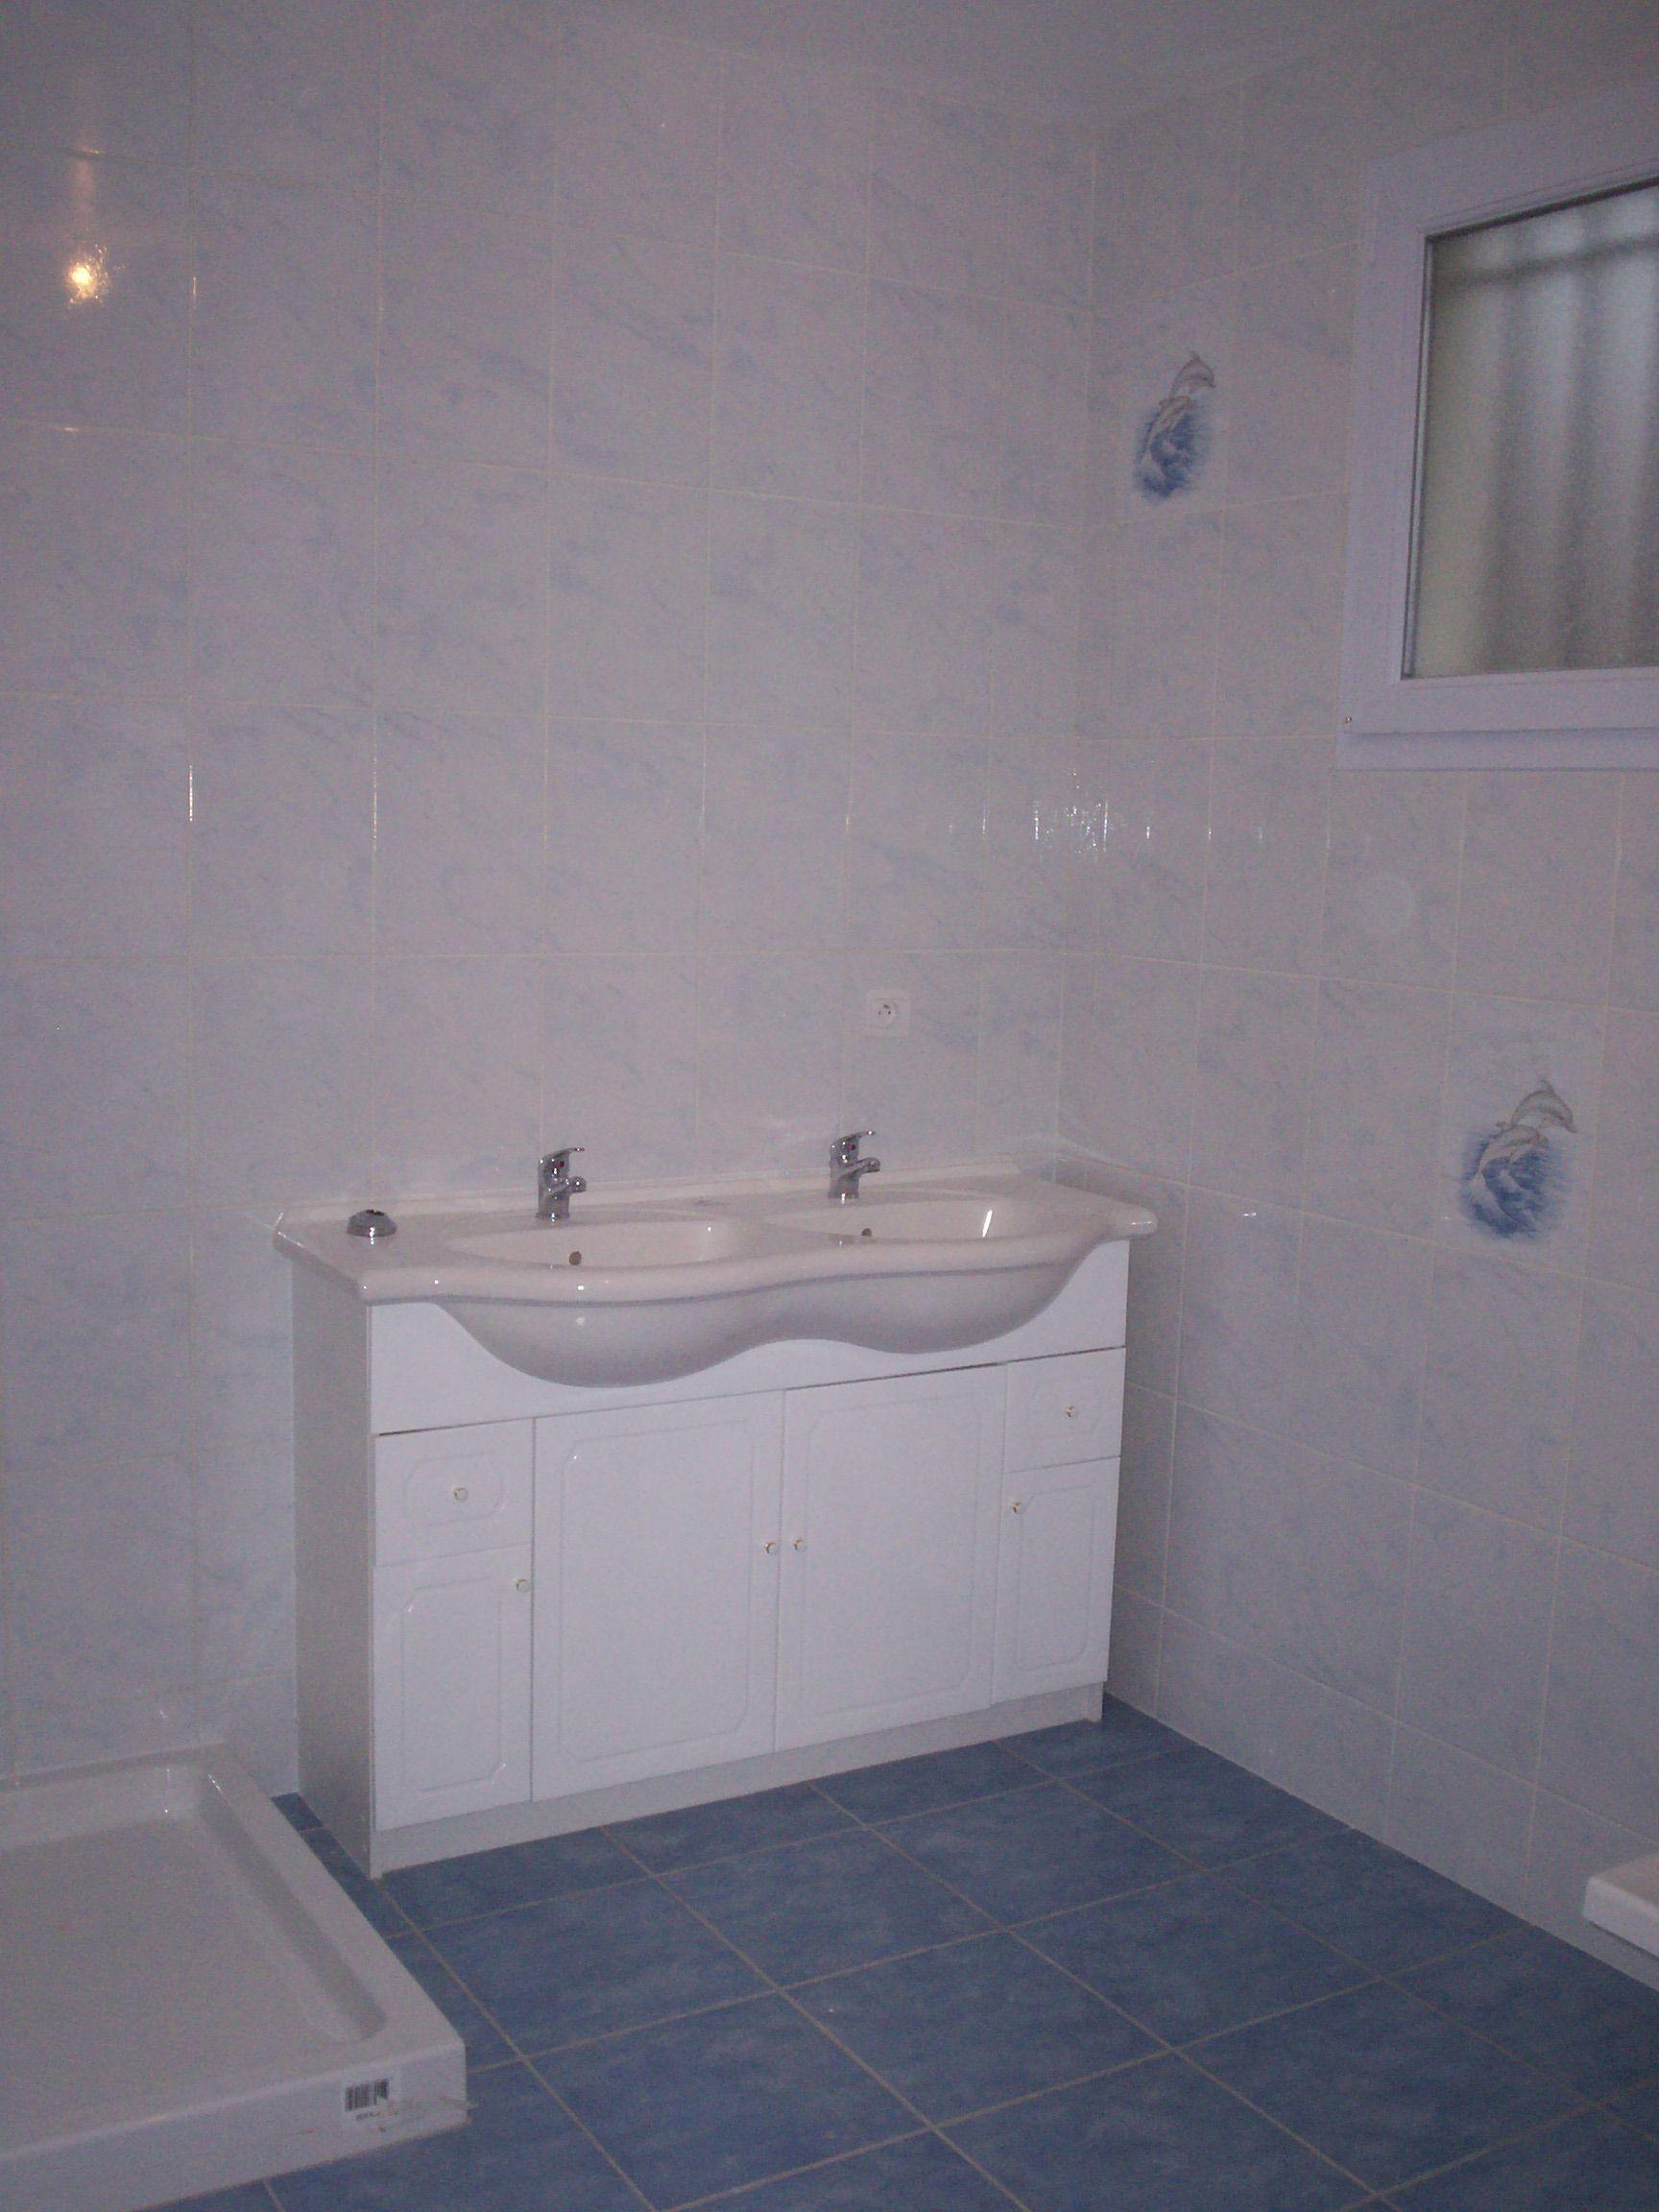 Fraiche salle de bain avec faience bleu id es de design for Faience salle de bain bleu et blanc